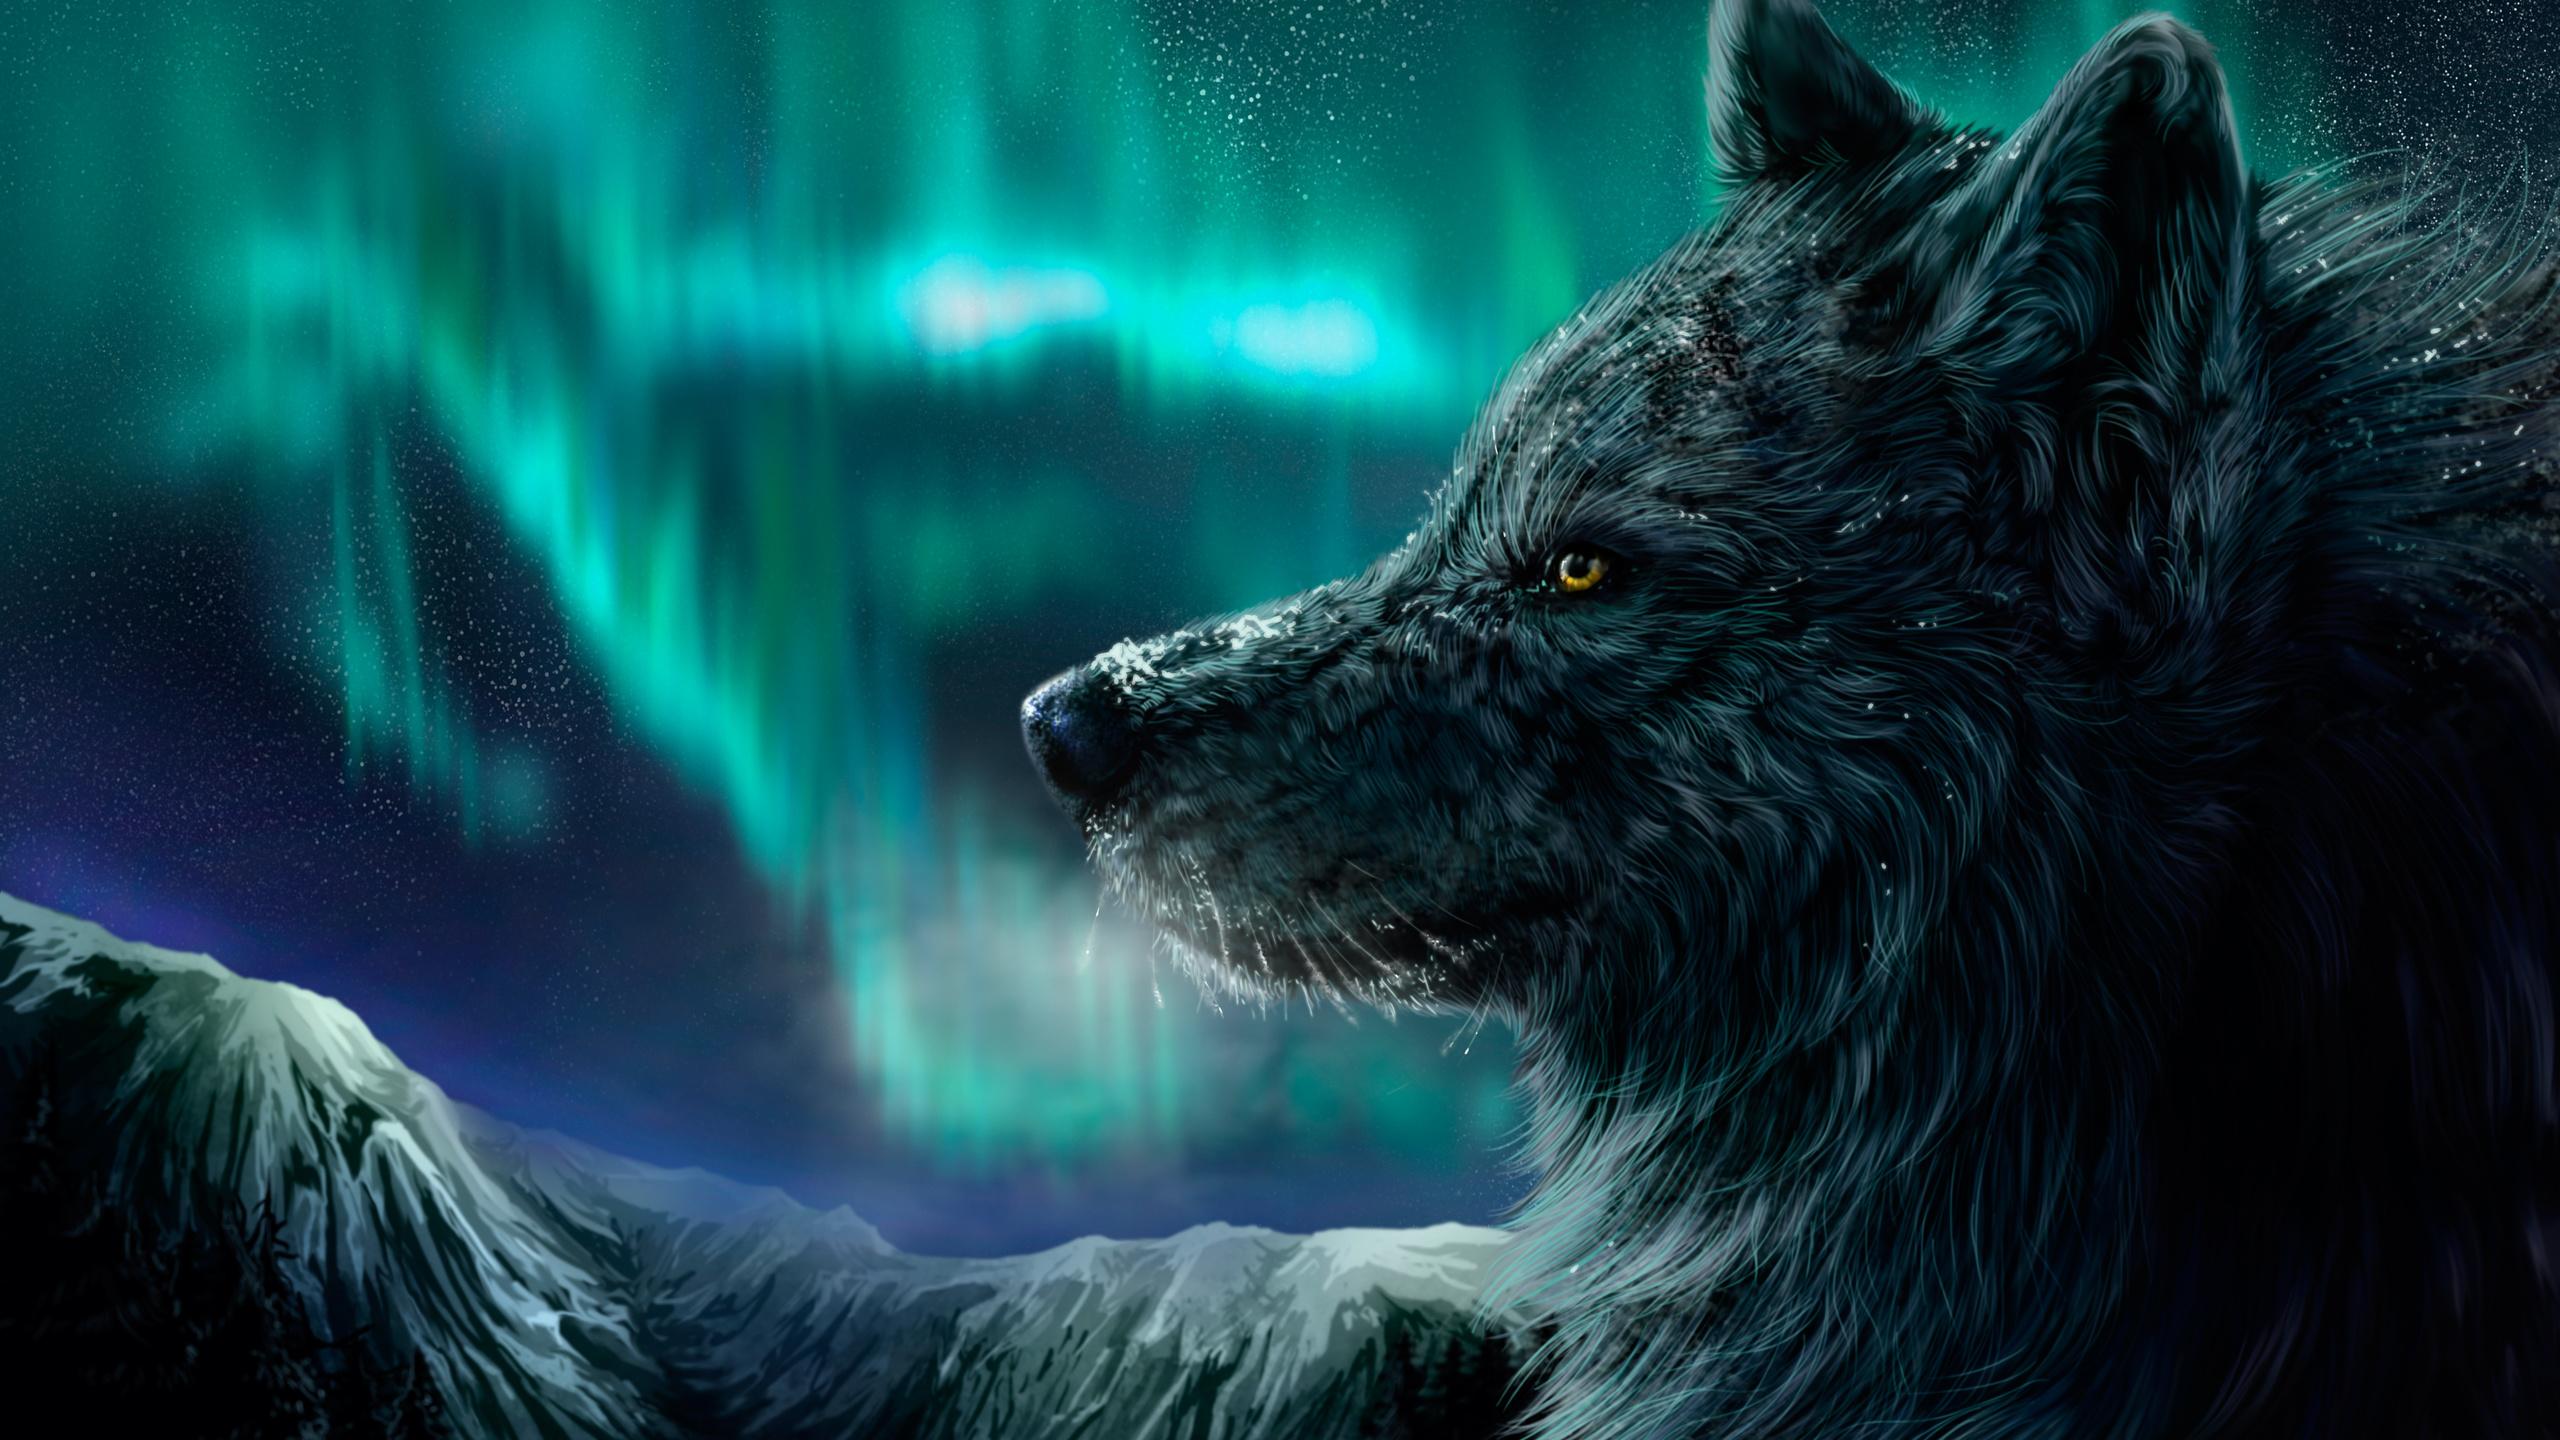 картинки про волков для обоев достоинства, квартиры таких